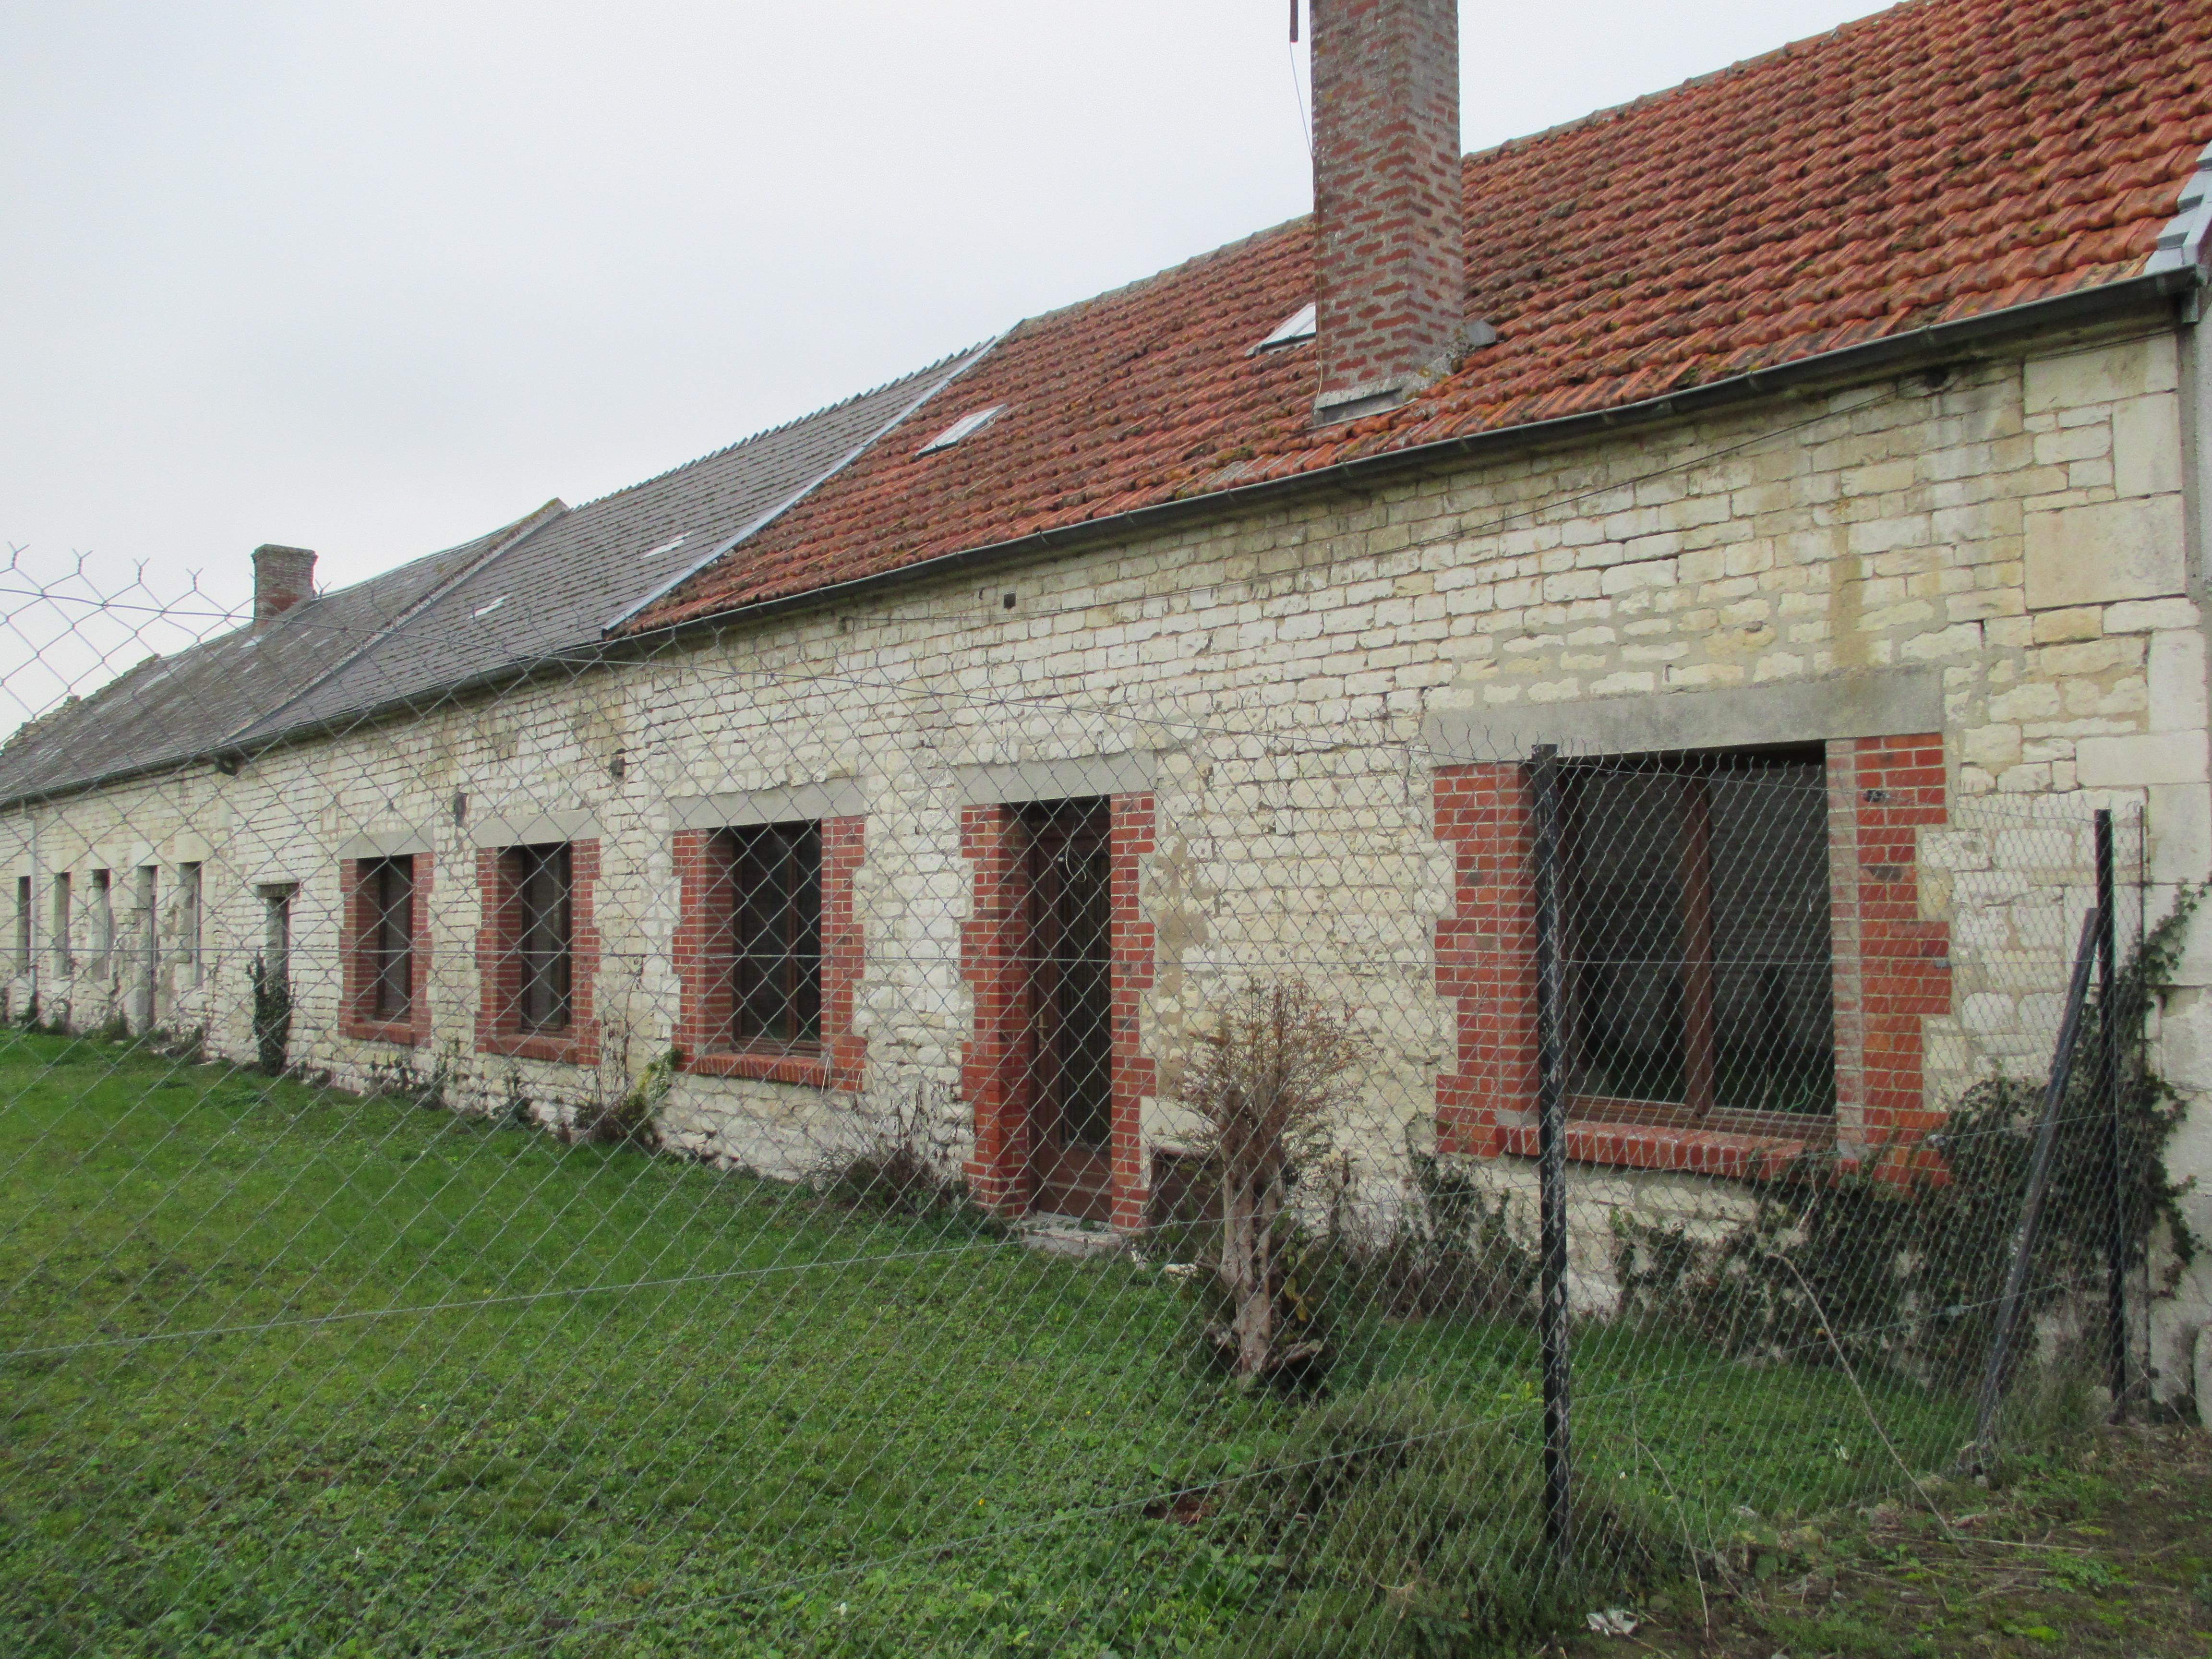 Vente maison r nover terrain 5300 m2 env for Maison guignicourt